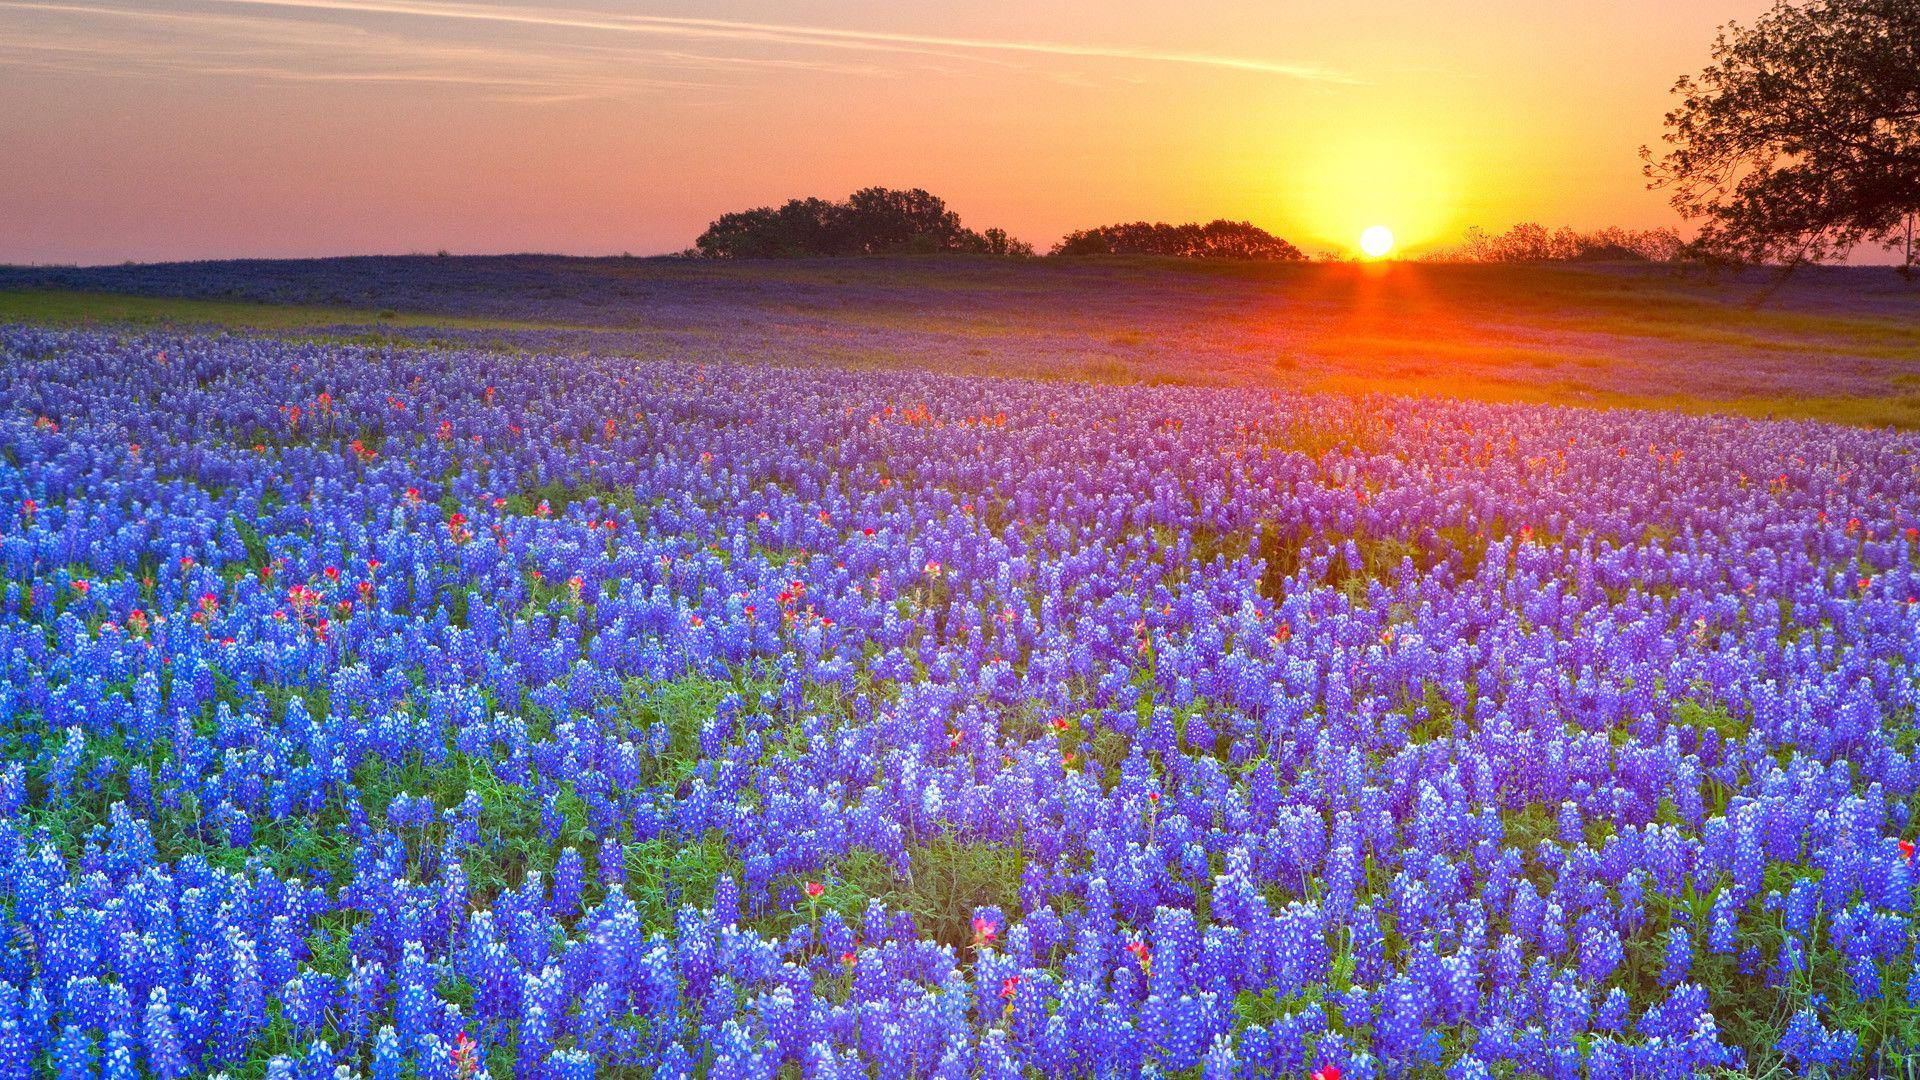 Texas Country Desktop Wallpapers   Top Texas Country Desktop 1920x1080